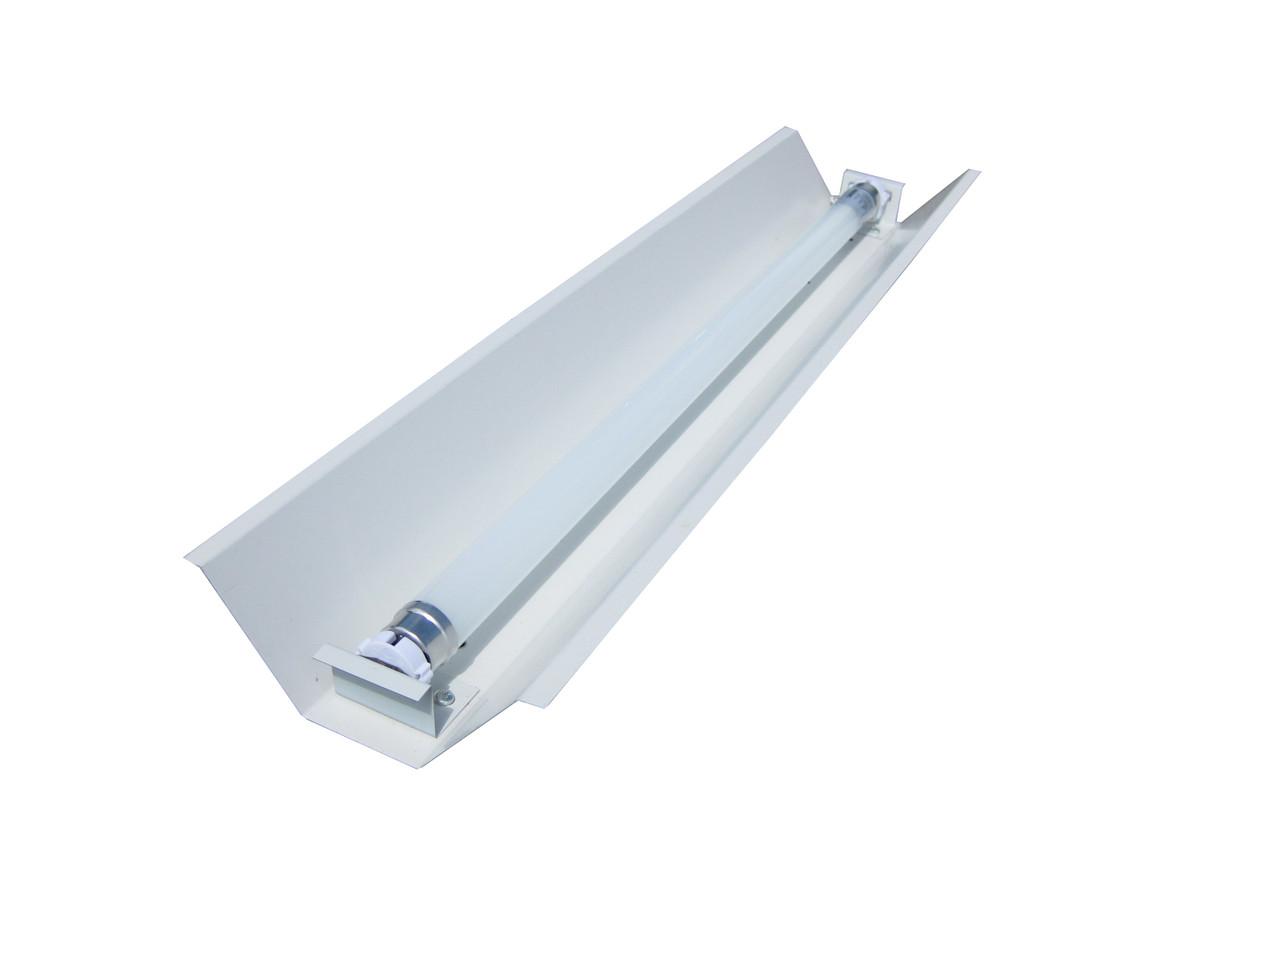 СПВ-01 (1х600) открытый линейный светильник под LED (ЛЕД) лампы Т8 600 без ПРА